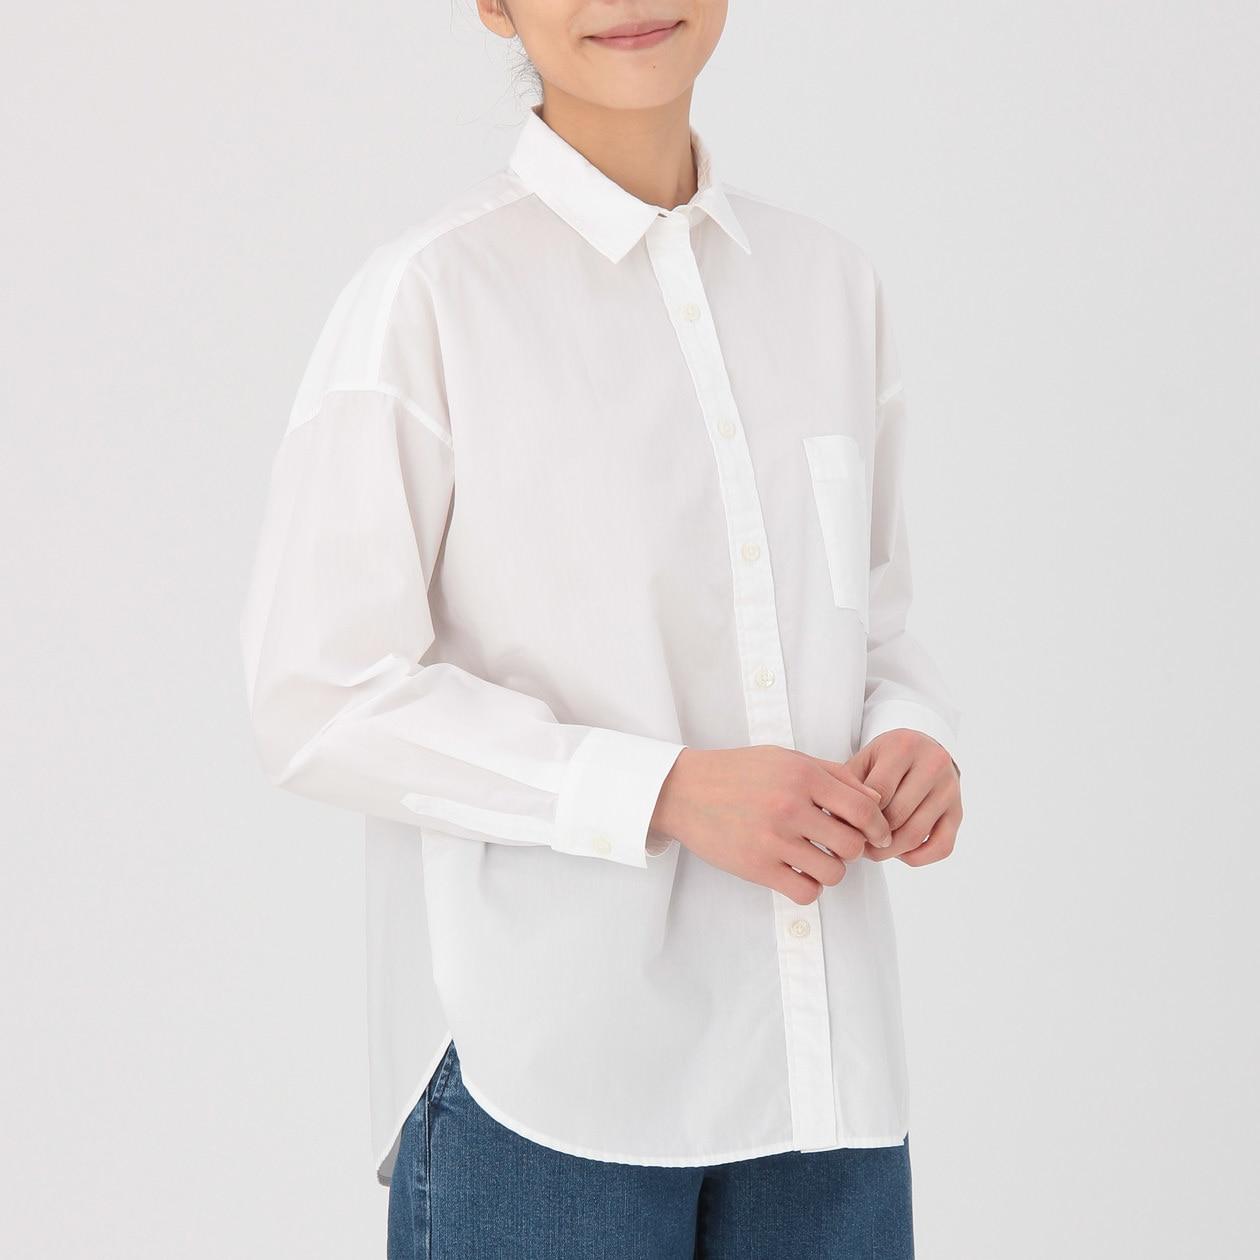 オーガニックコットン洗いざらしワイドシャツ